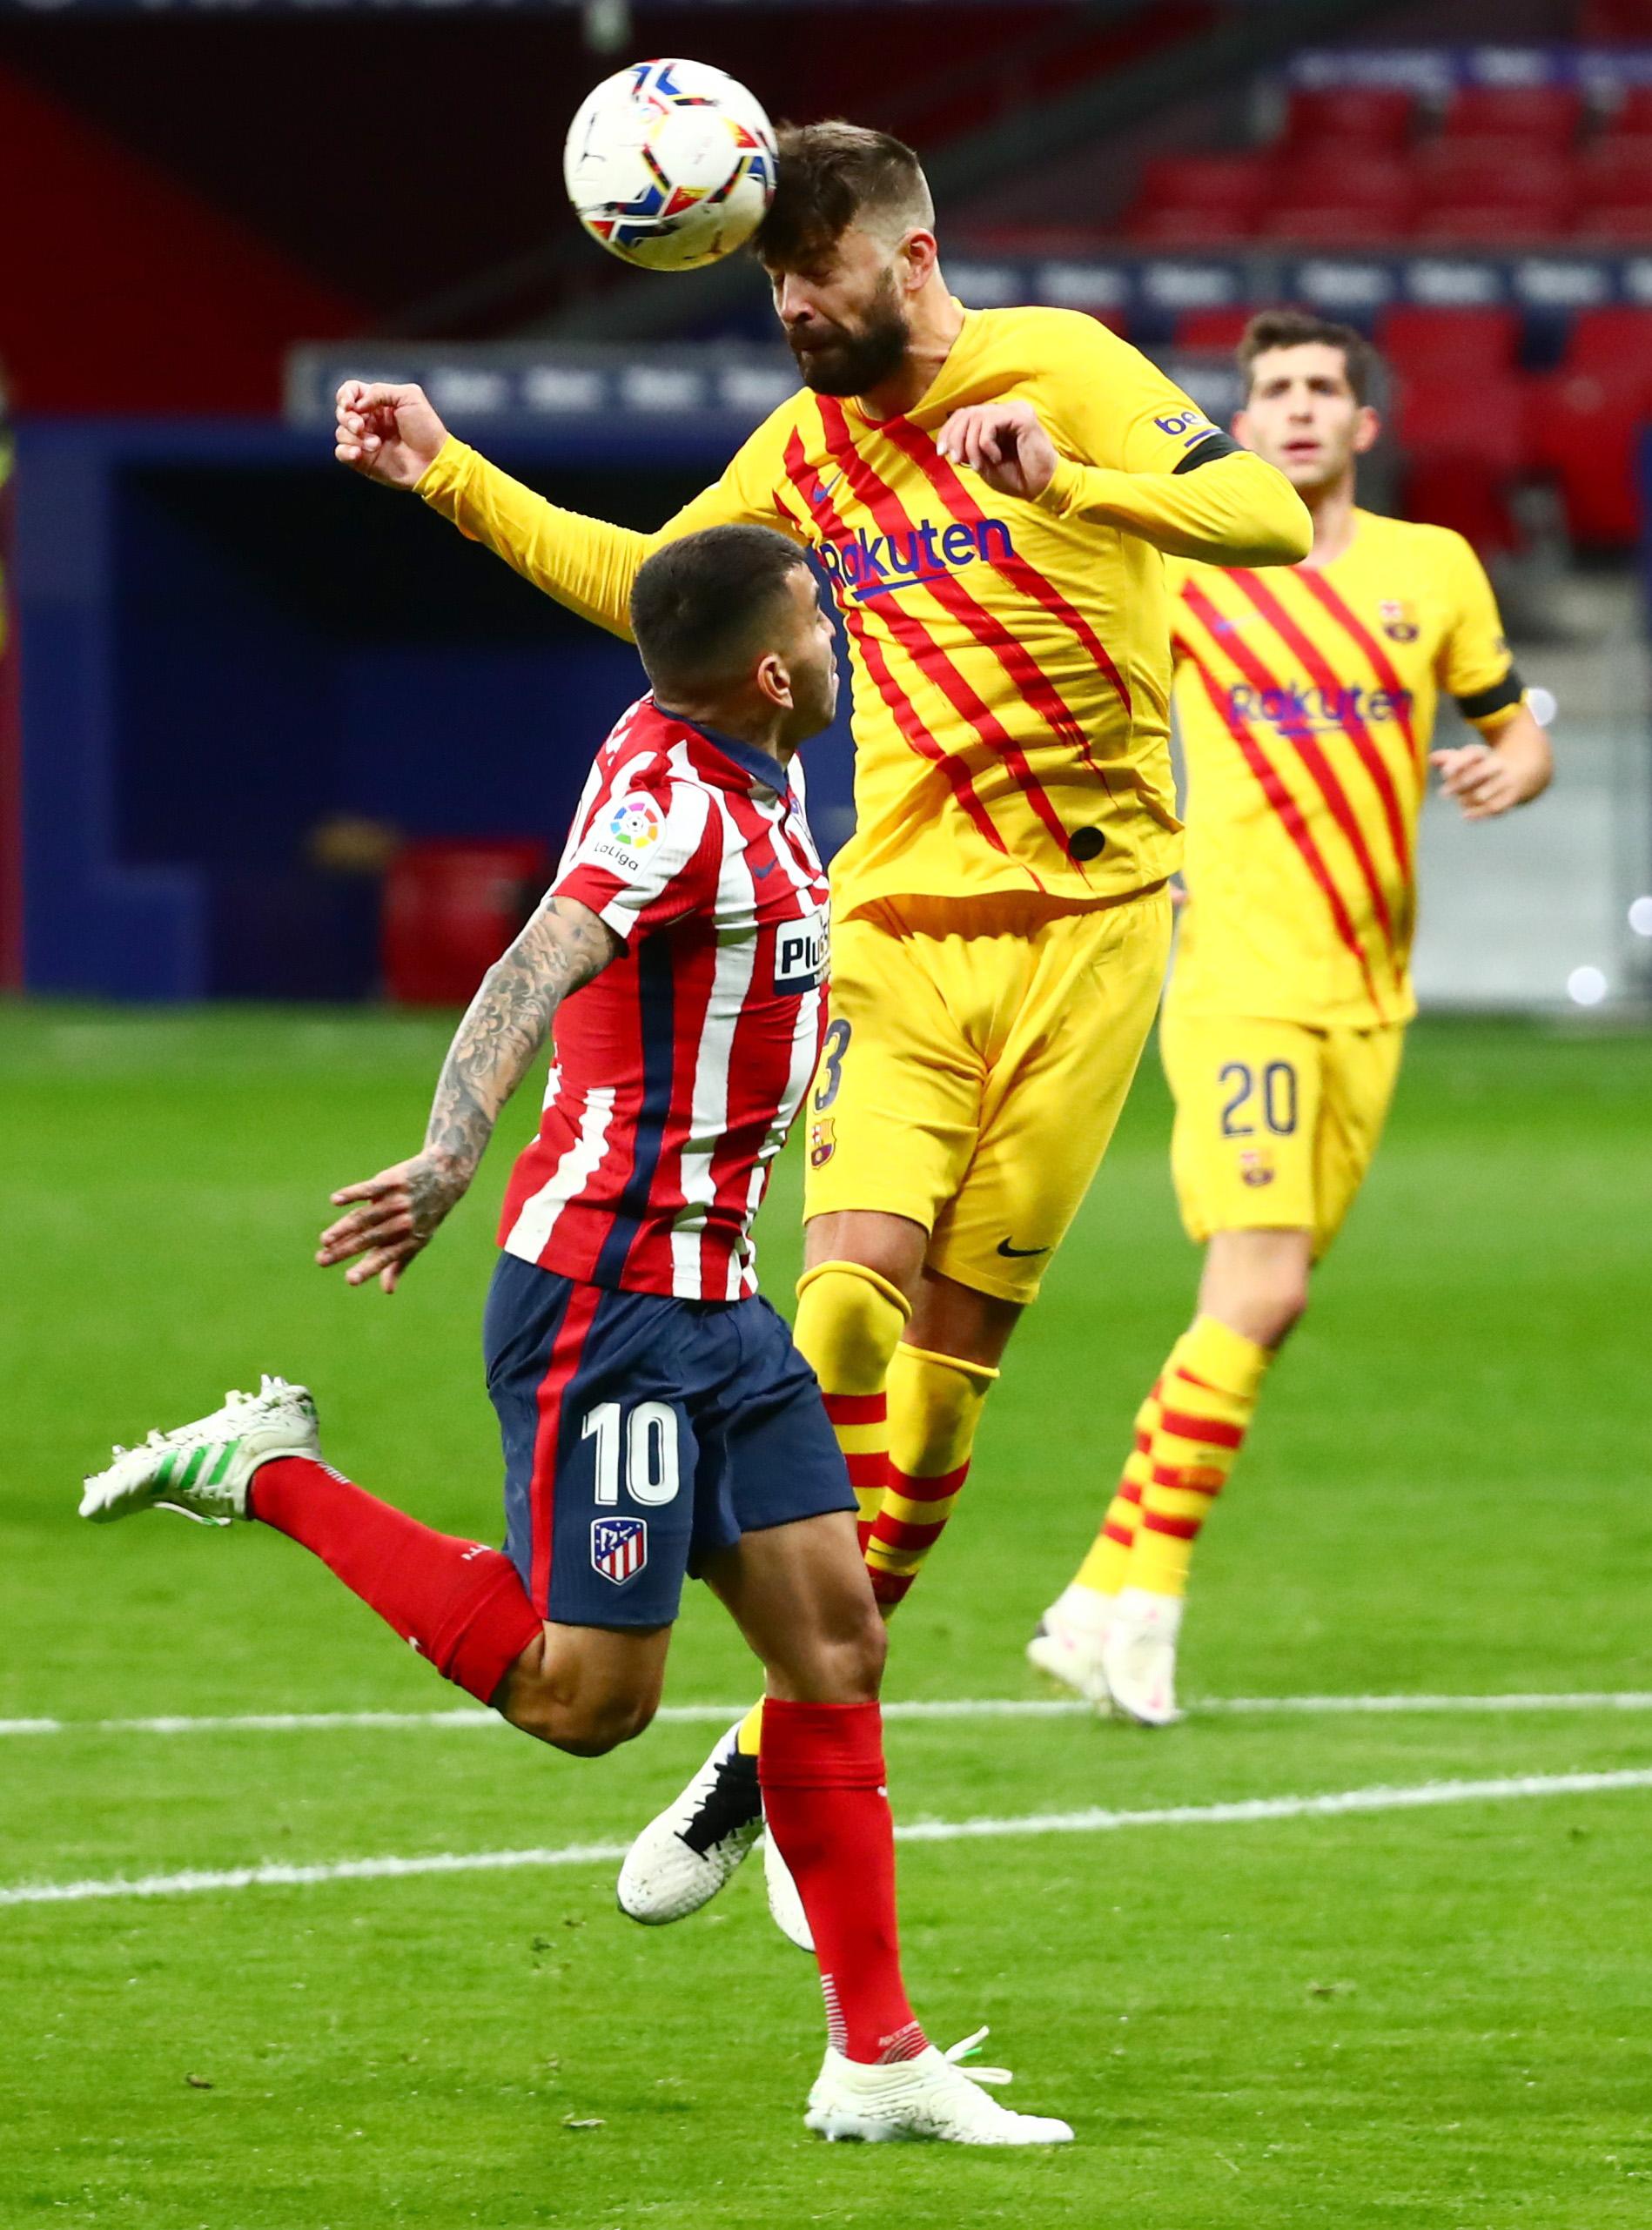 بيكيه يشتت الكرة داخل منطقة جزاء برشلونة